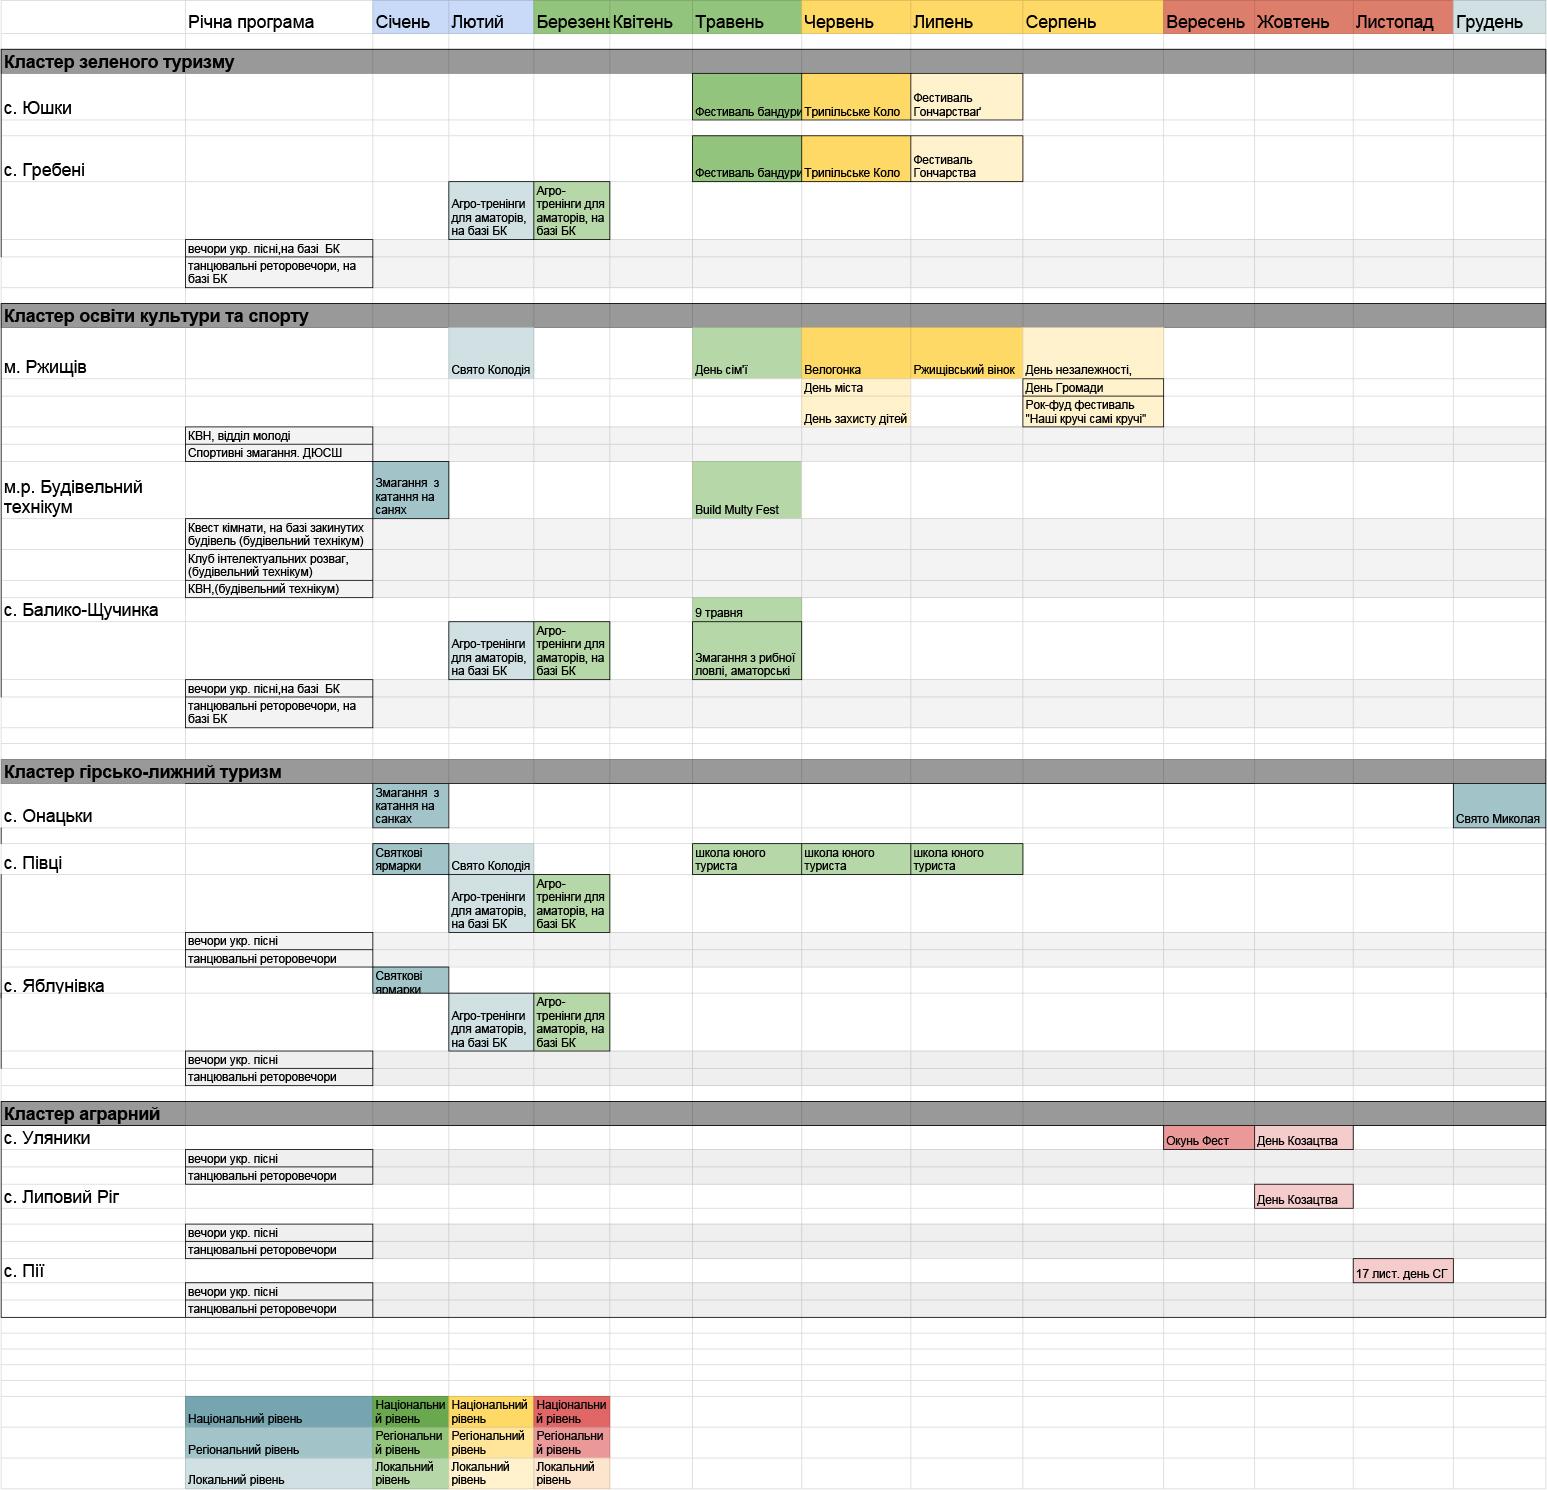 Календар подій Ржищівська Громада